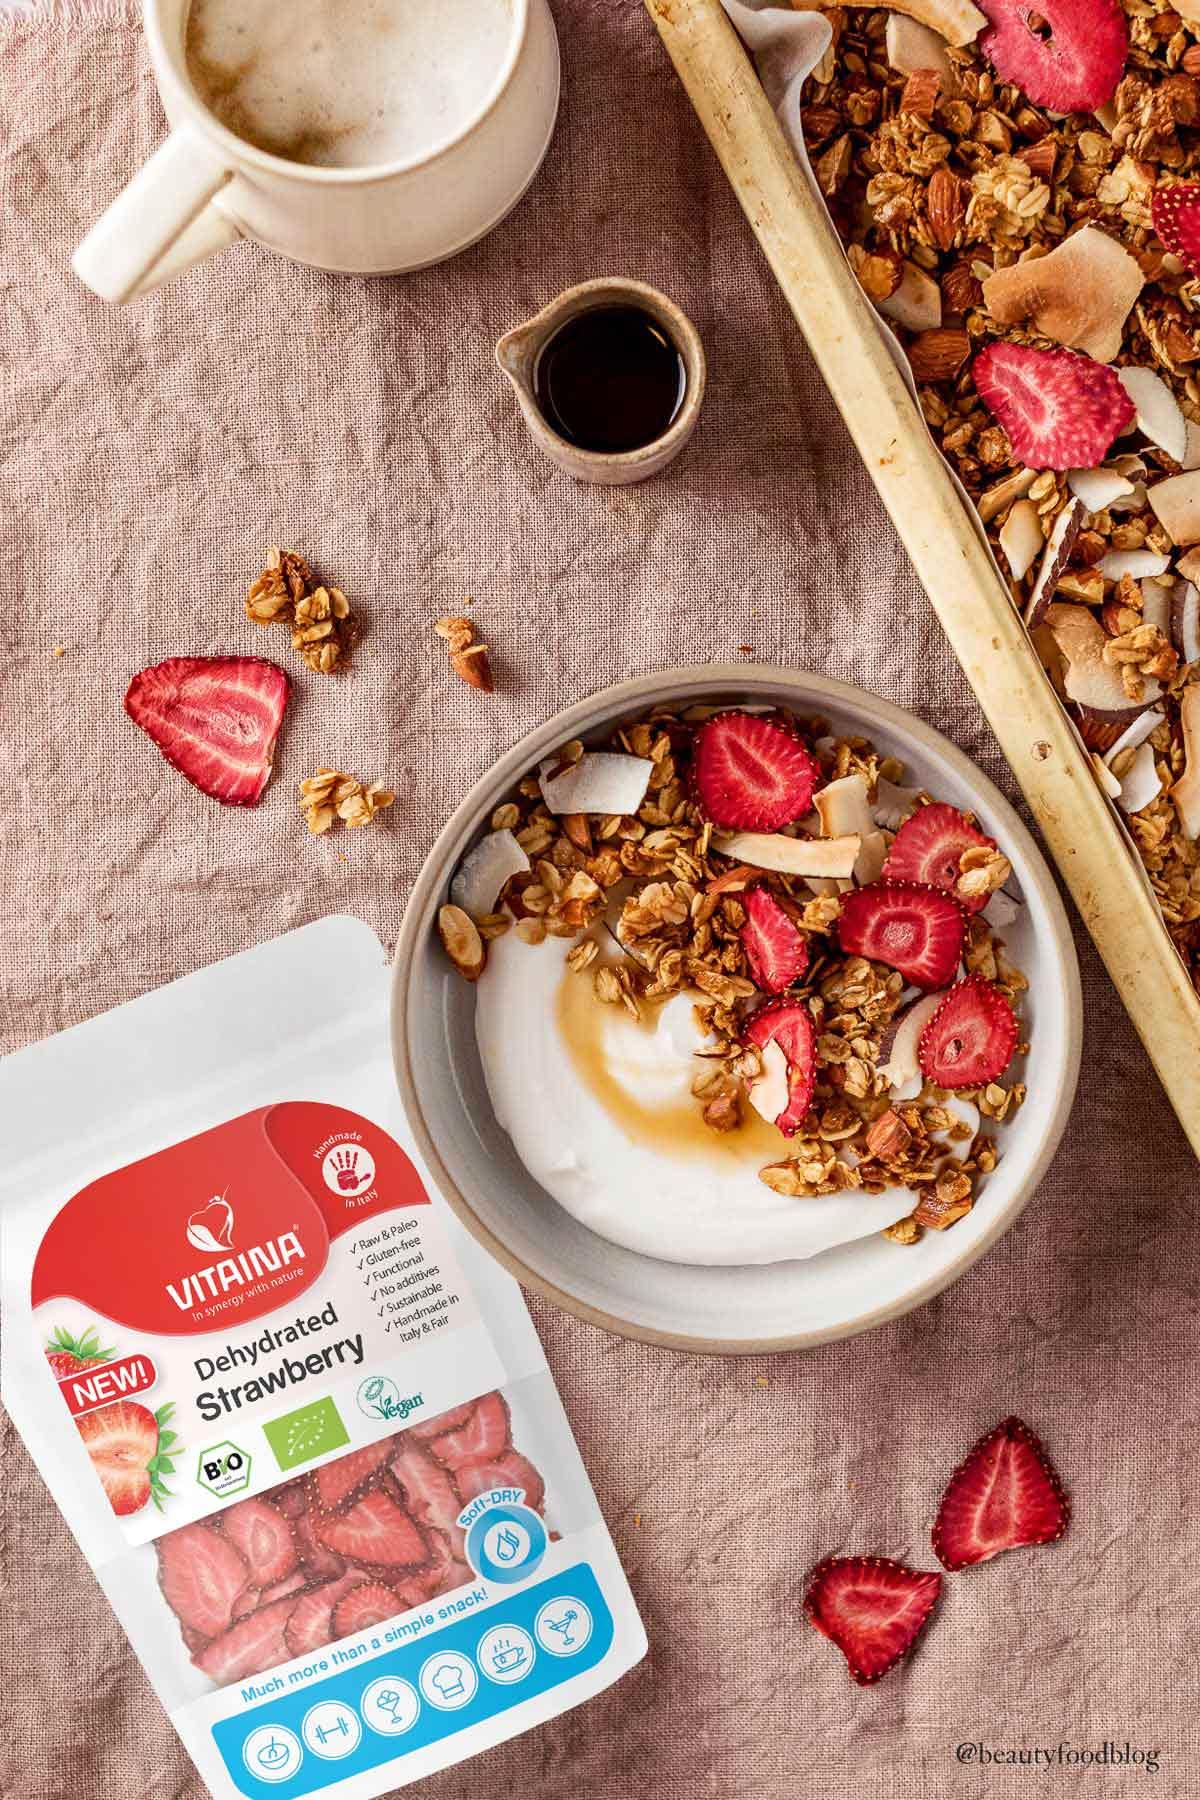 granola vegan croccante con fragole disidratate Vitaina cocco mandorle e yogurt di cocco